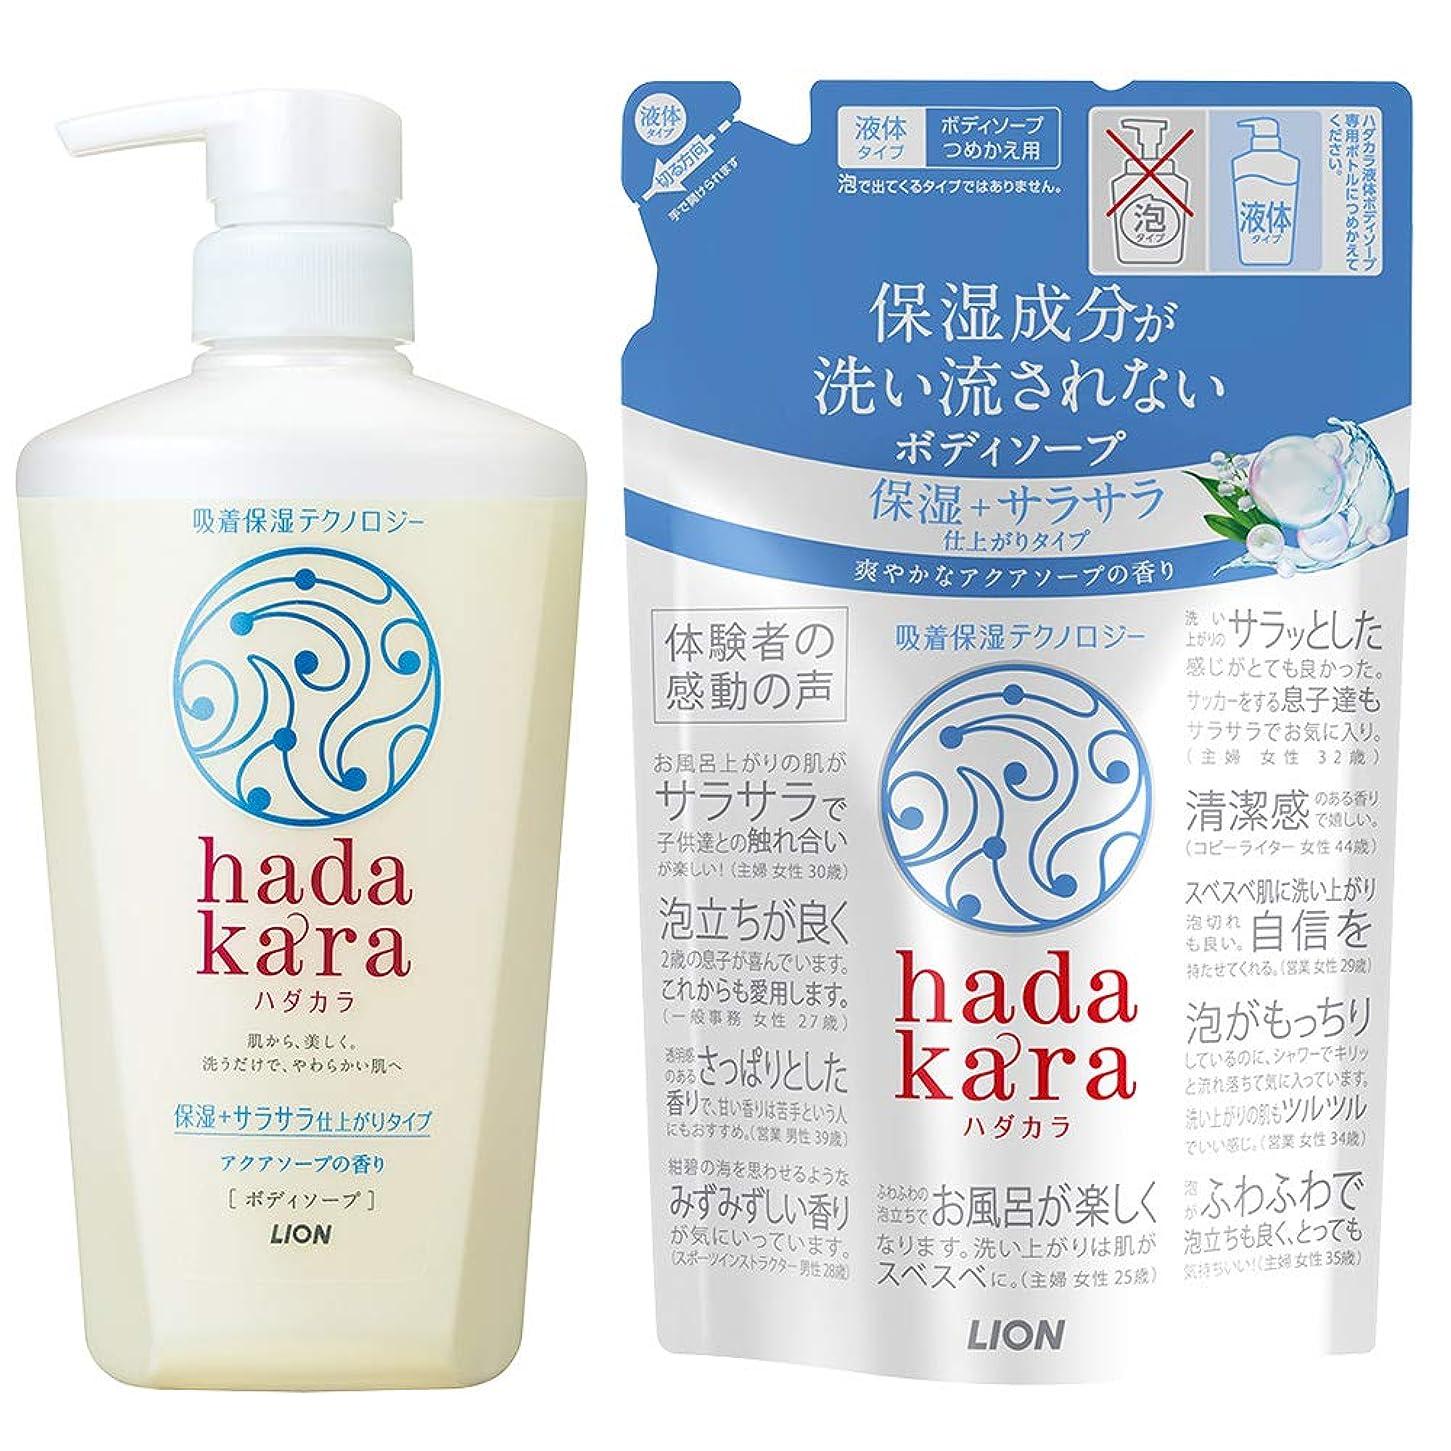 そう高原壁hadakara(ハダカラ)ボディソープ 保湿+サラサラ仕上がりタイプ アクアソープの香り 本体 480ml + つめかえ 340ml